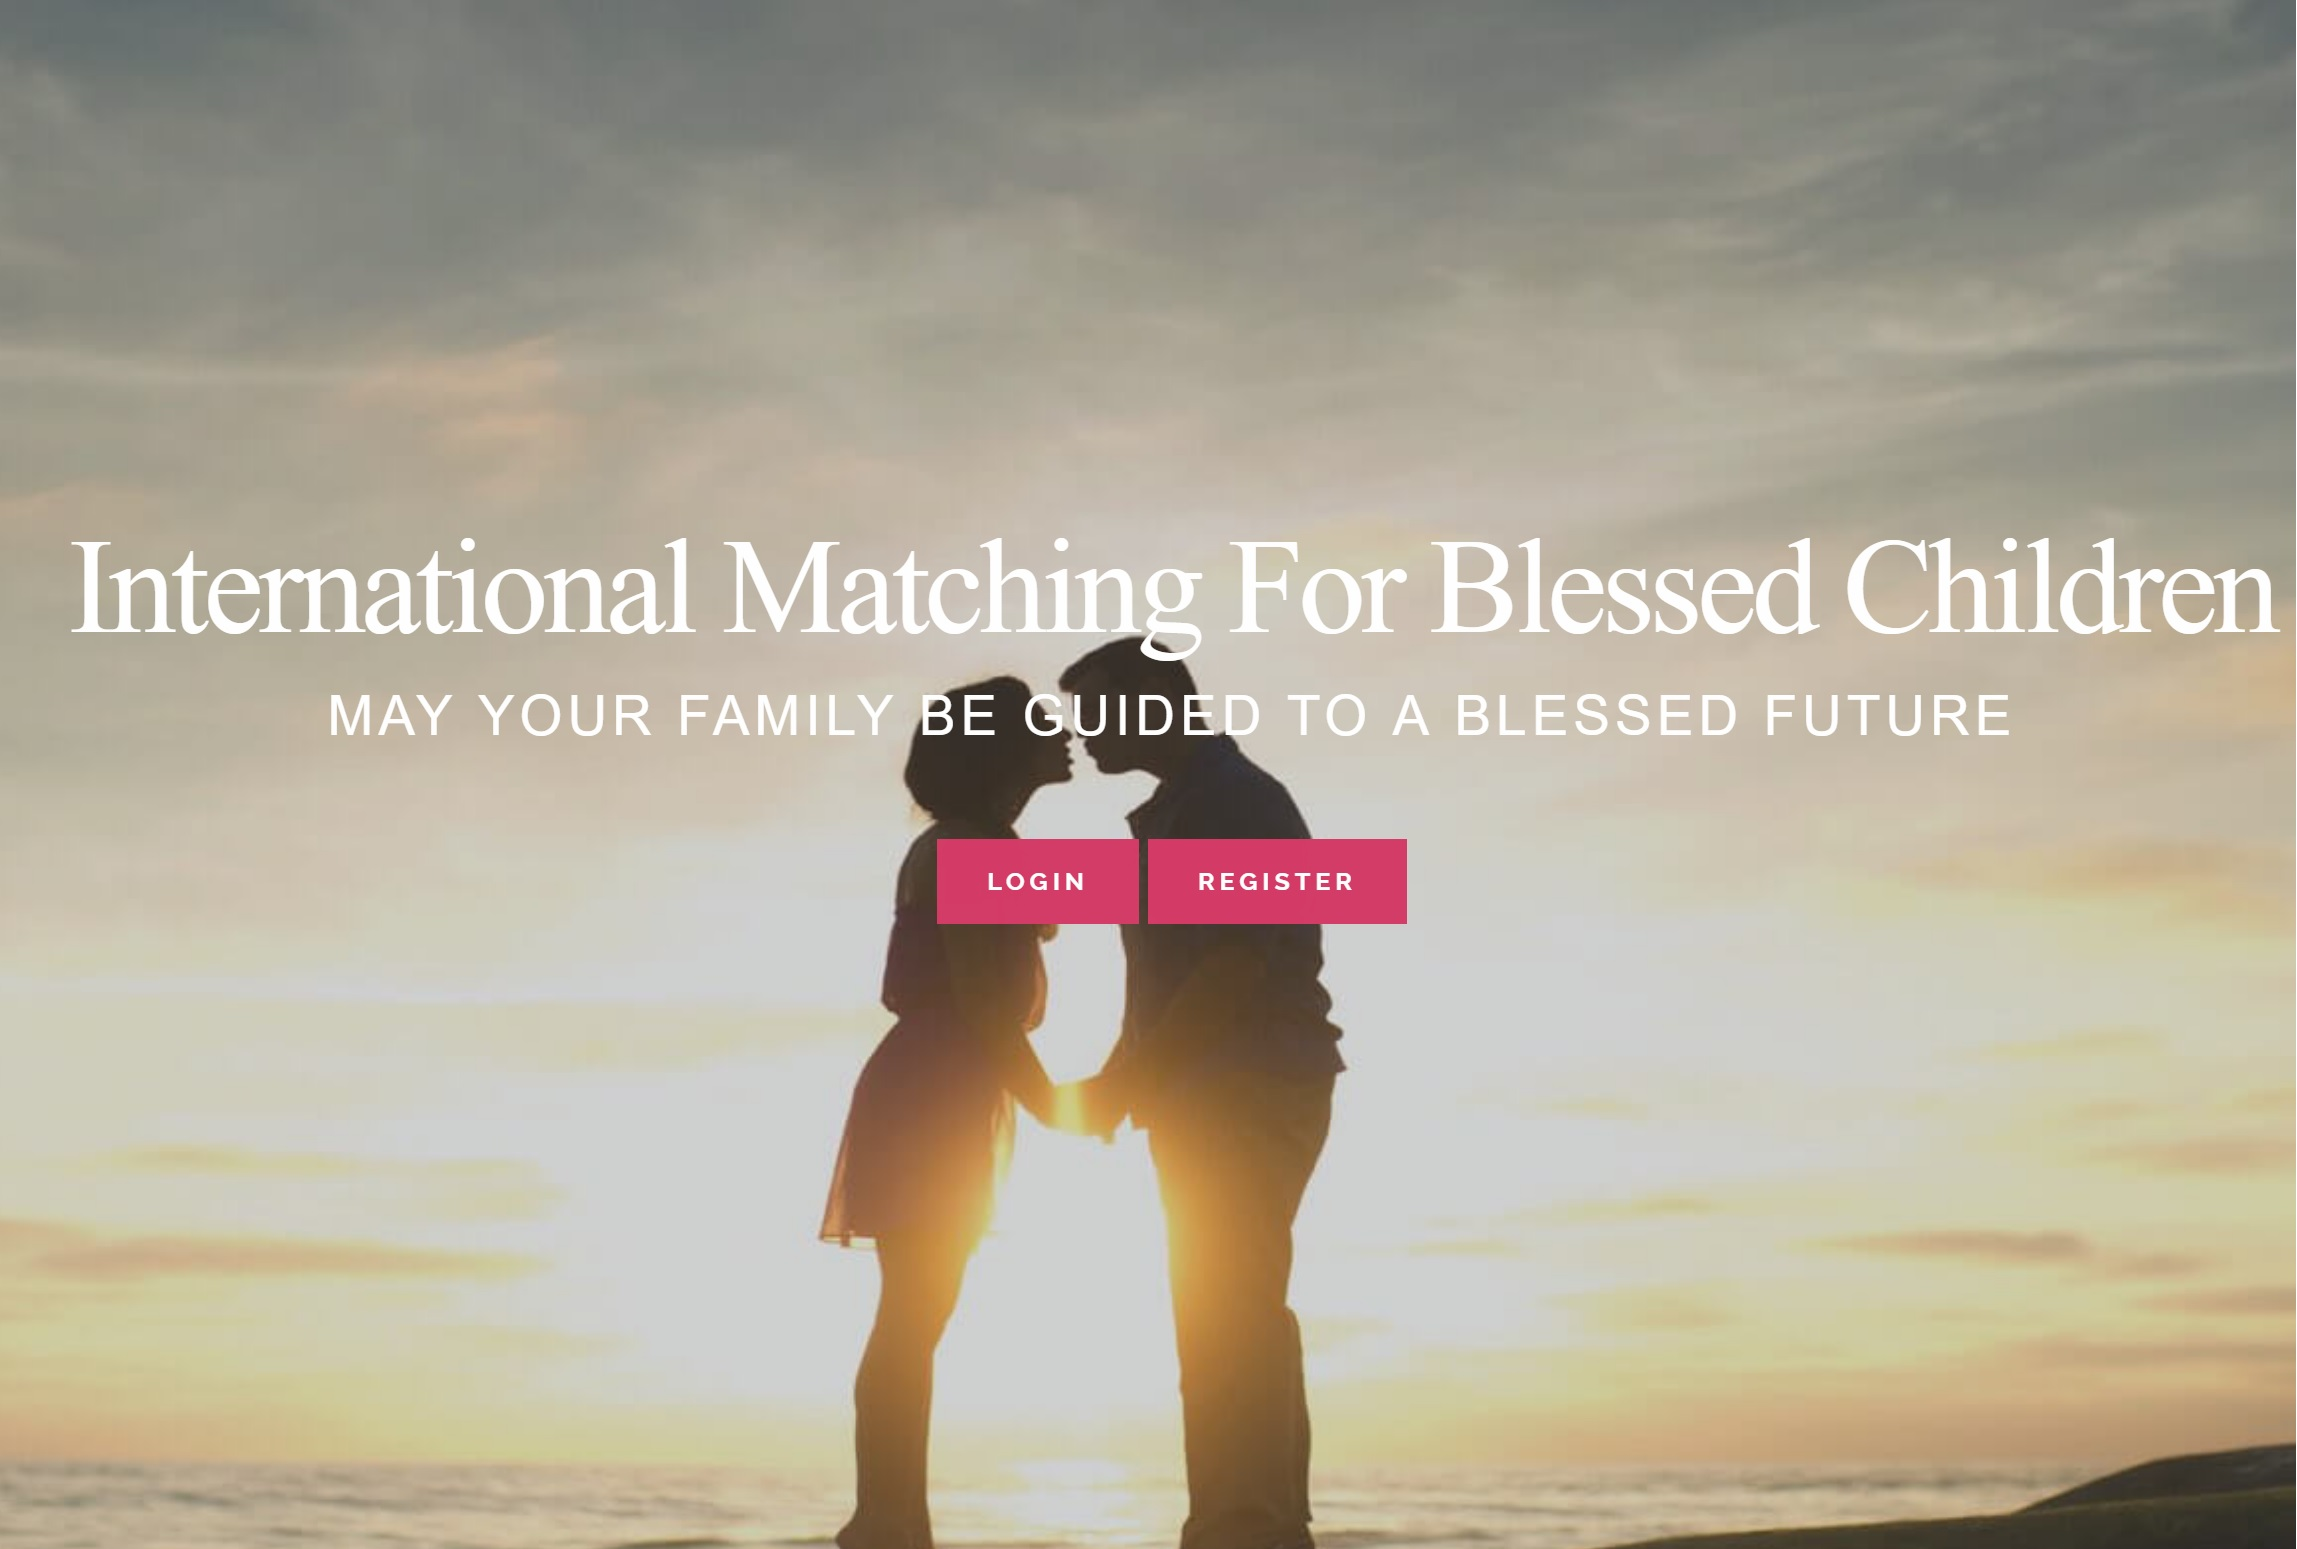 International Matching Website